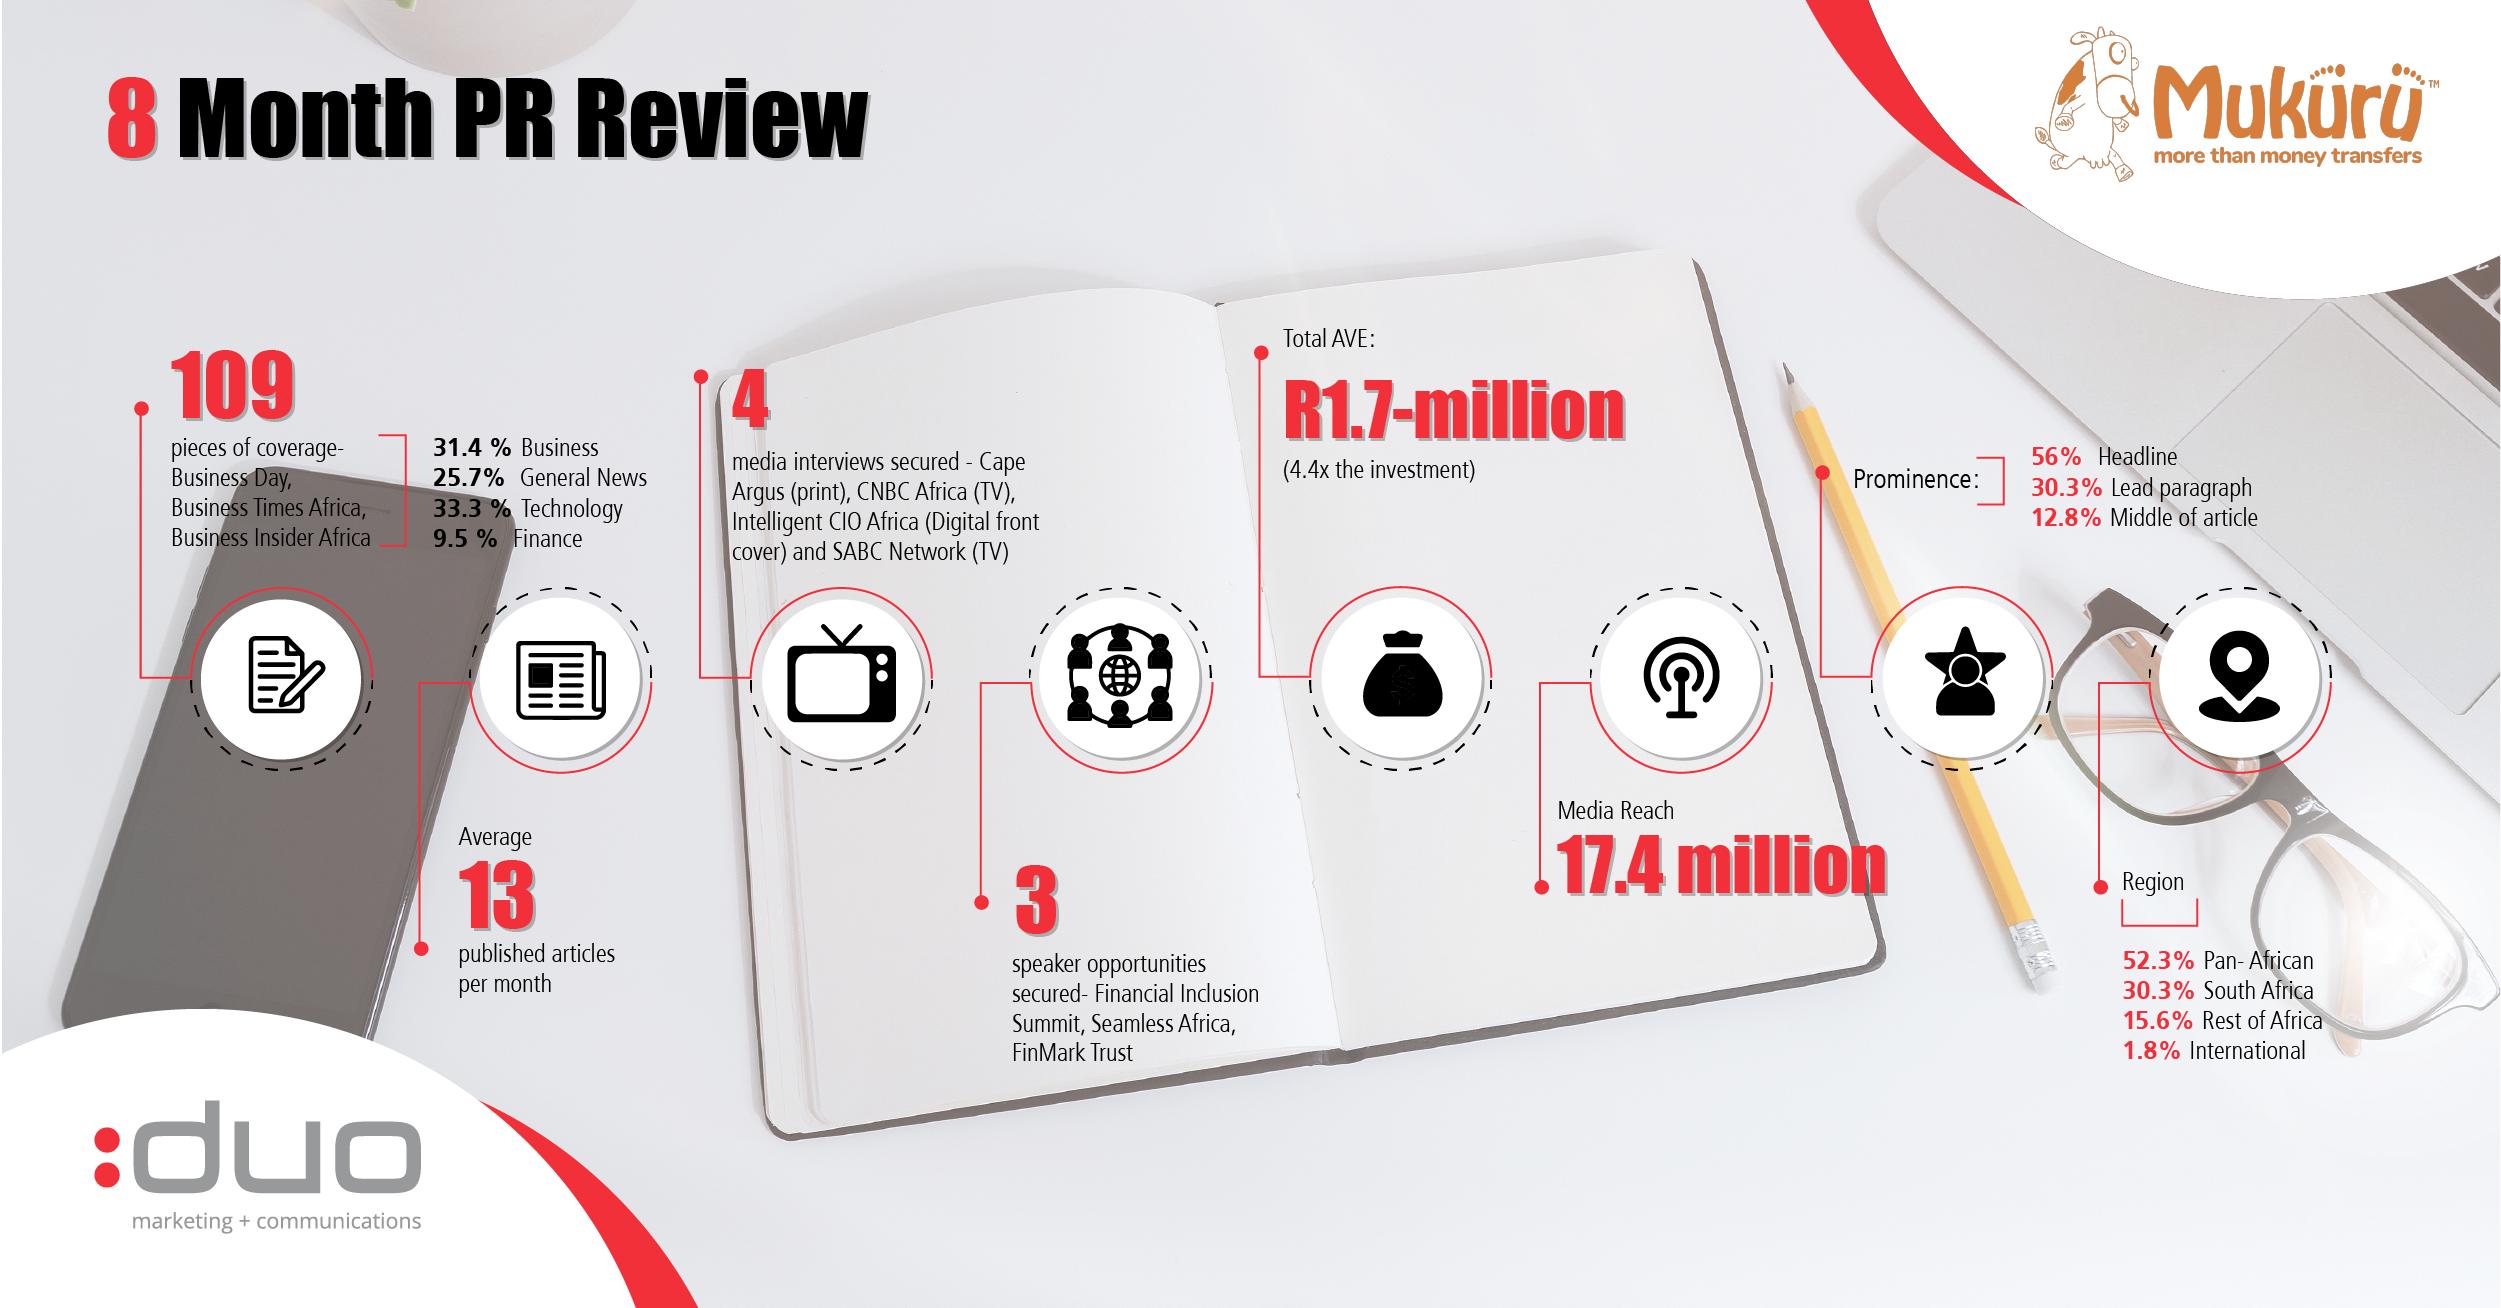 Mukuru infographic